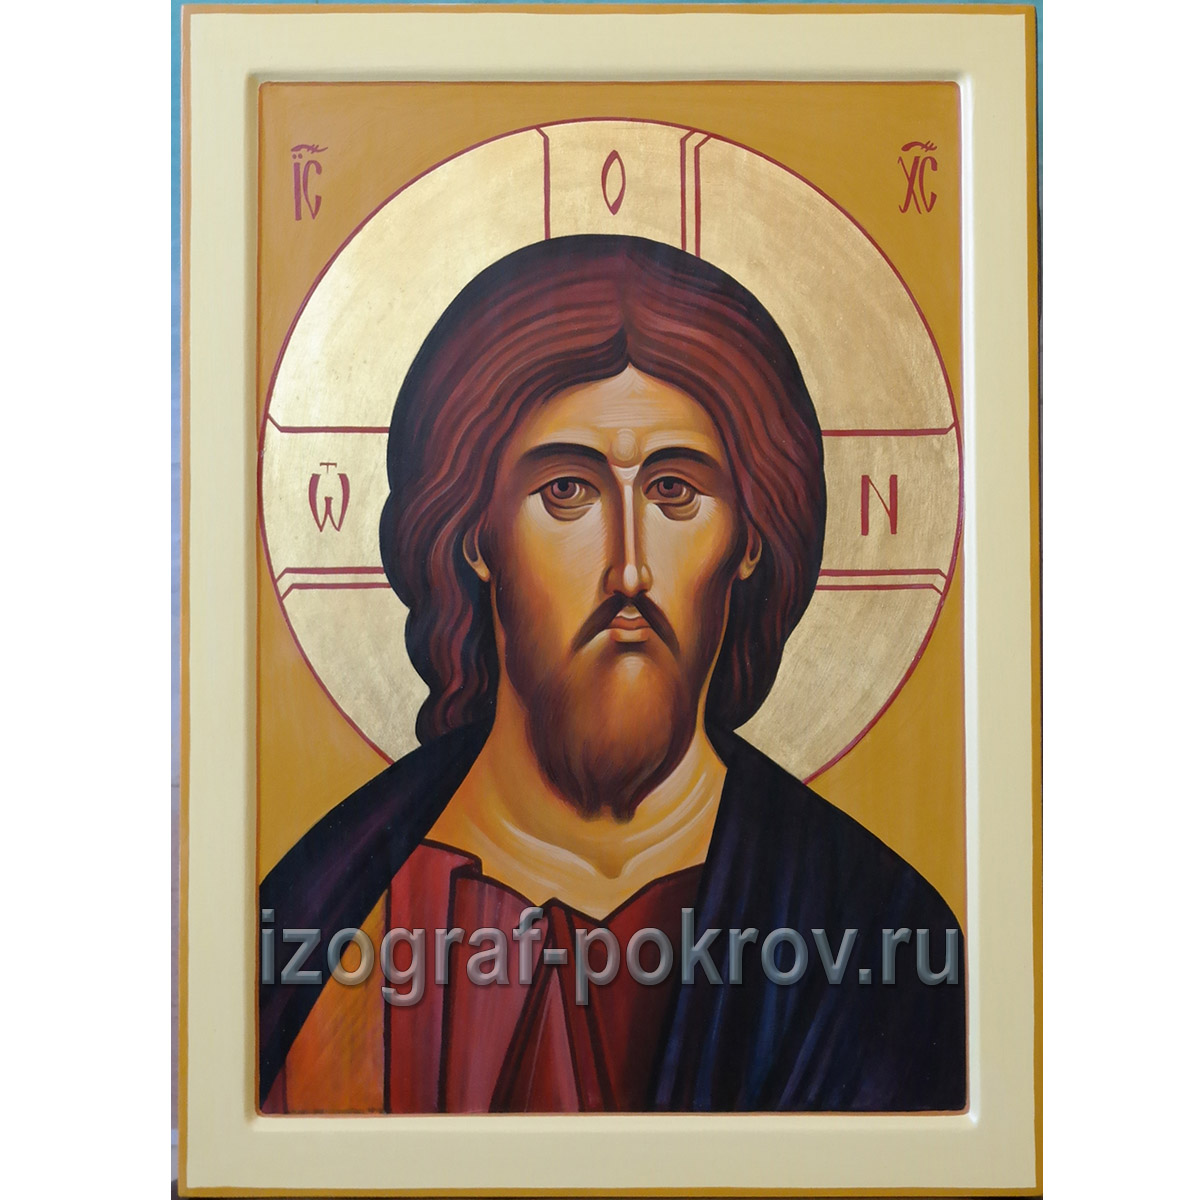 Рукописная икона Спасителя написана под заказ в иконописной мастерской Покров при храме Покрова Пресвятой Богородицы г. Константиновска